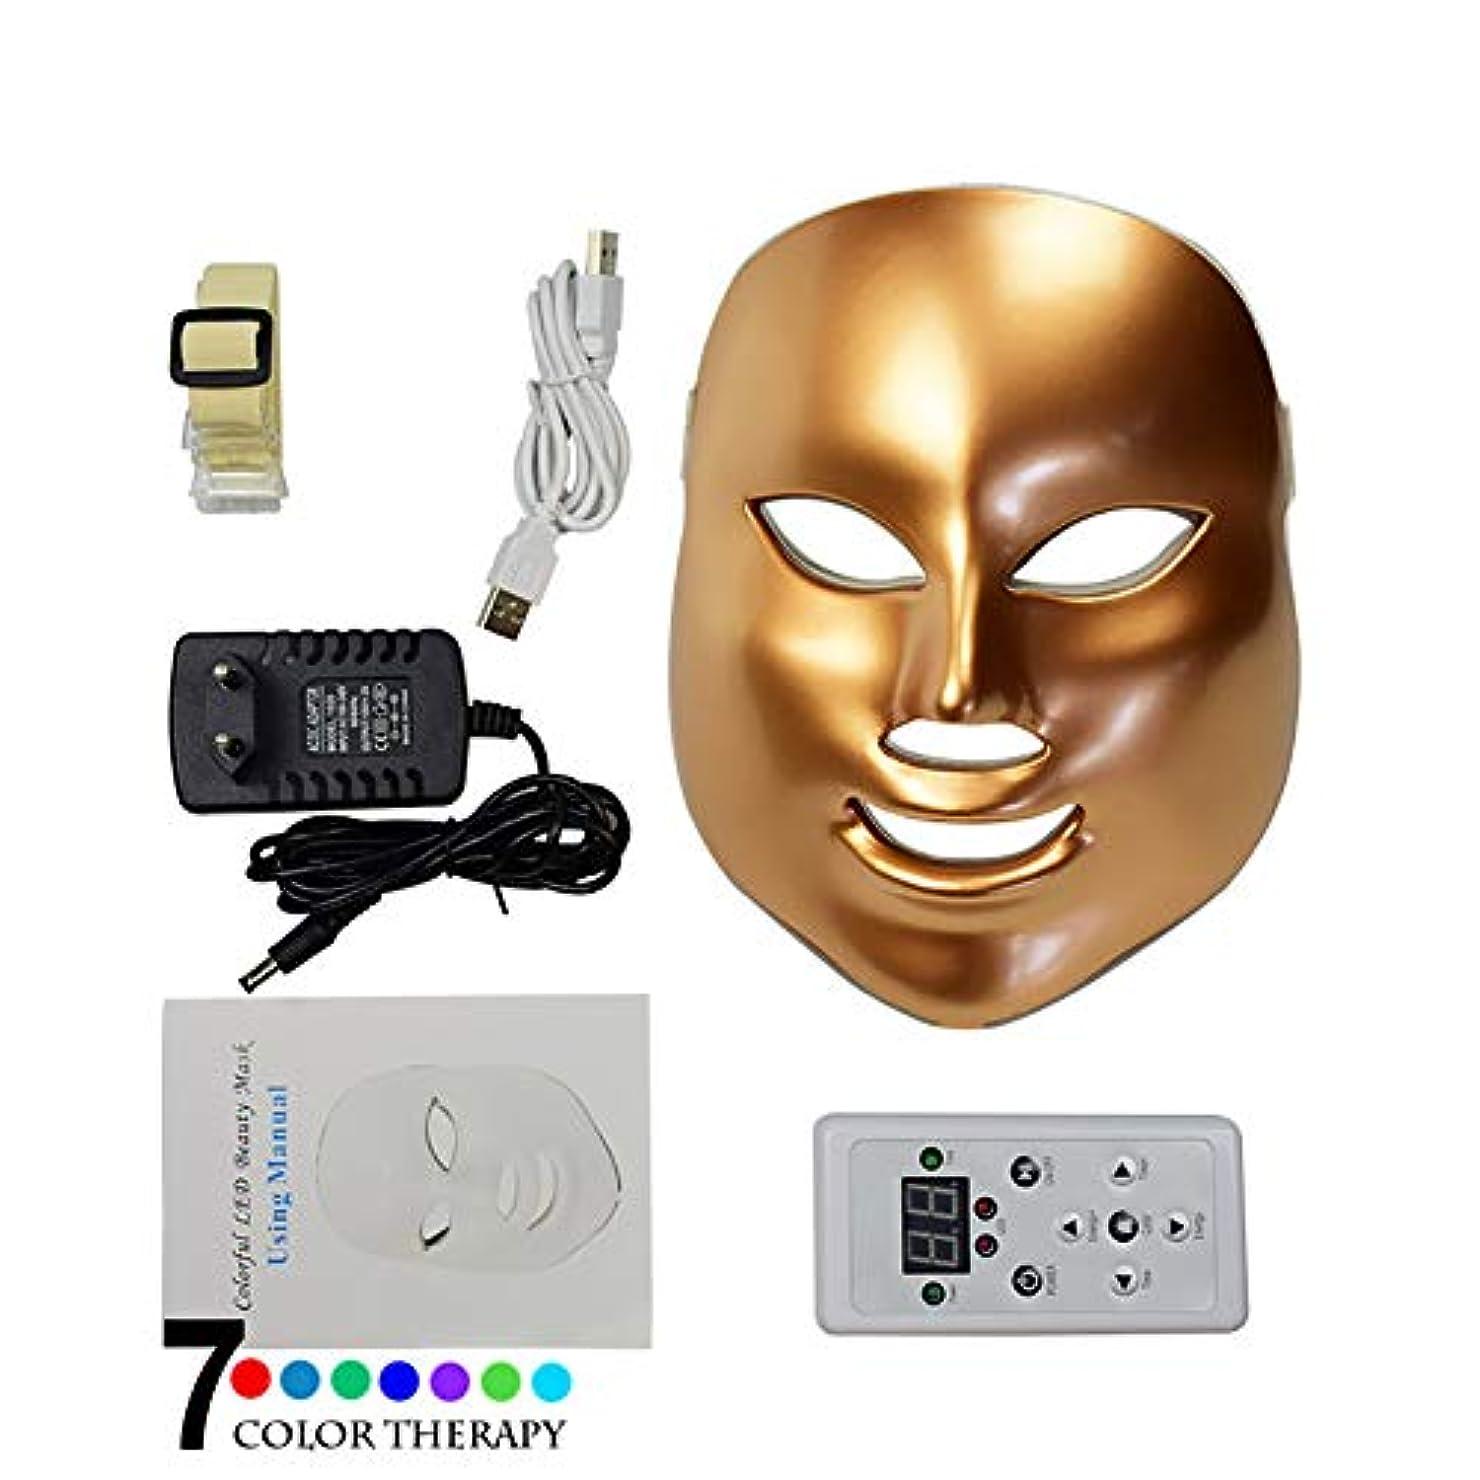 中間ペースト藤色7色LEDフェイスマスク、7色LEDスキン光線療法器具、健康的な肌の若返りのためのレッドライトセラピー、アンチエイジング、しわ、瘢痕化,Gold